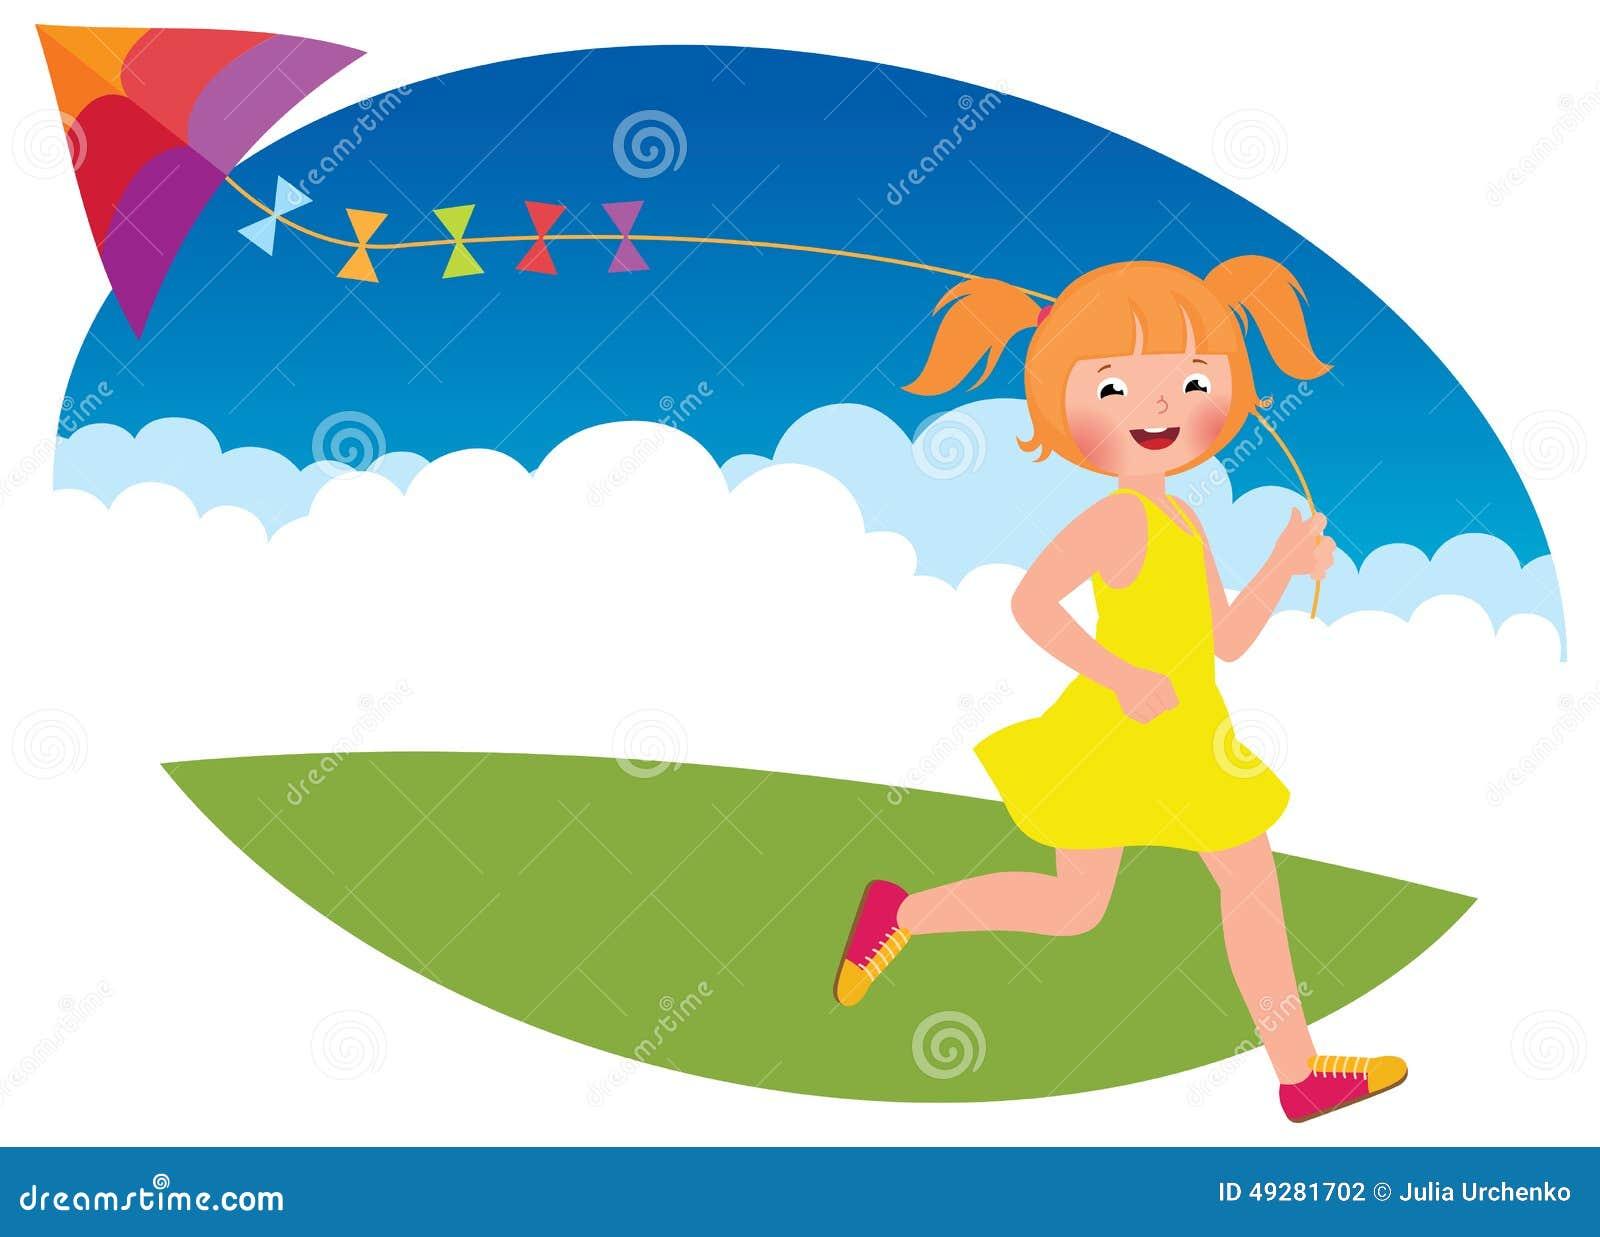 la fille d 39 enfant avec un cerf volant court illustration de vecteur image 49281702. Black Bedroom Furniture Sets. Home Design Ideas